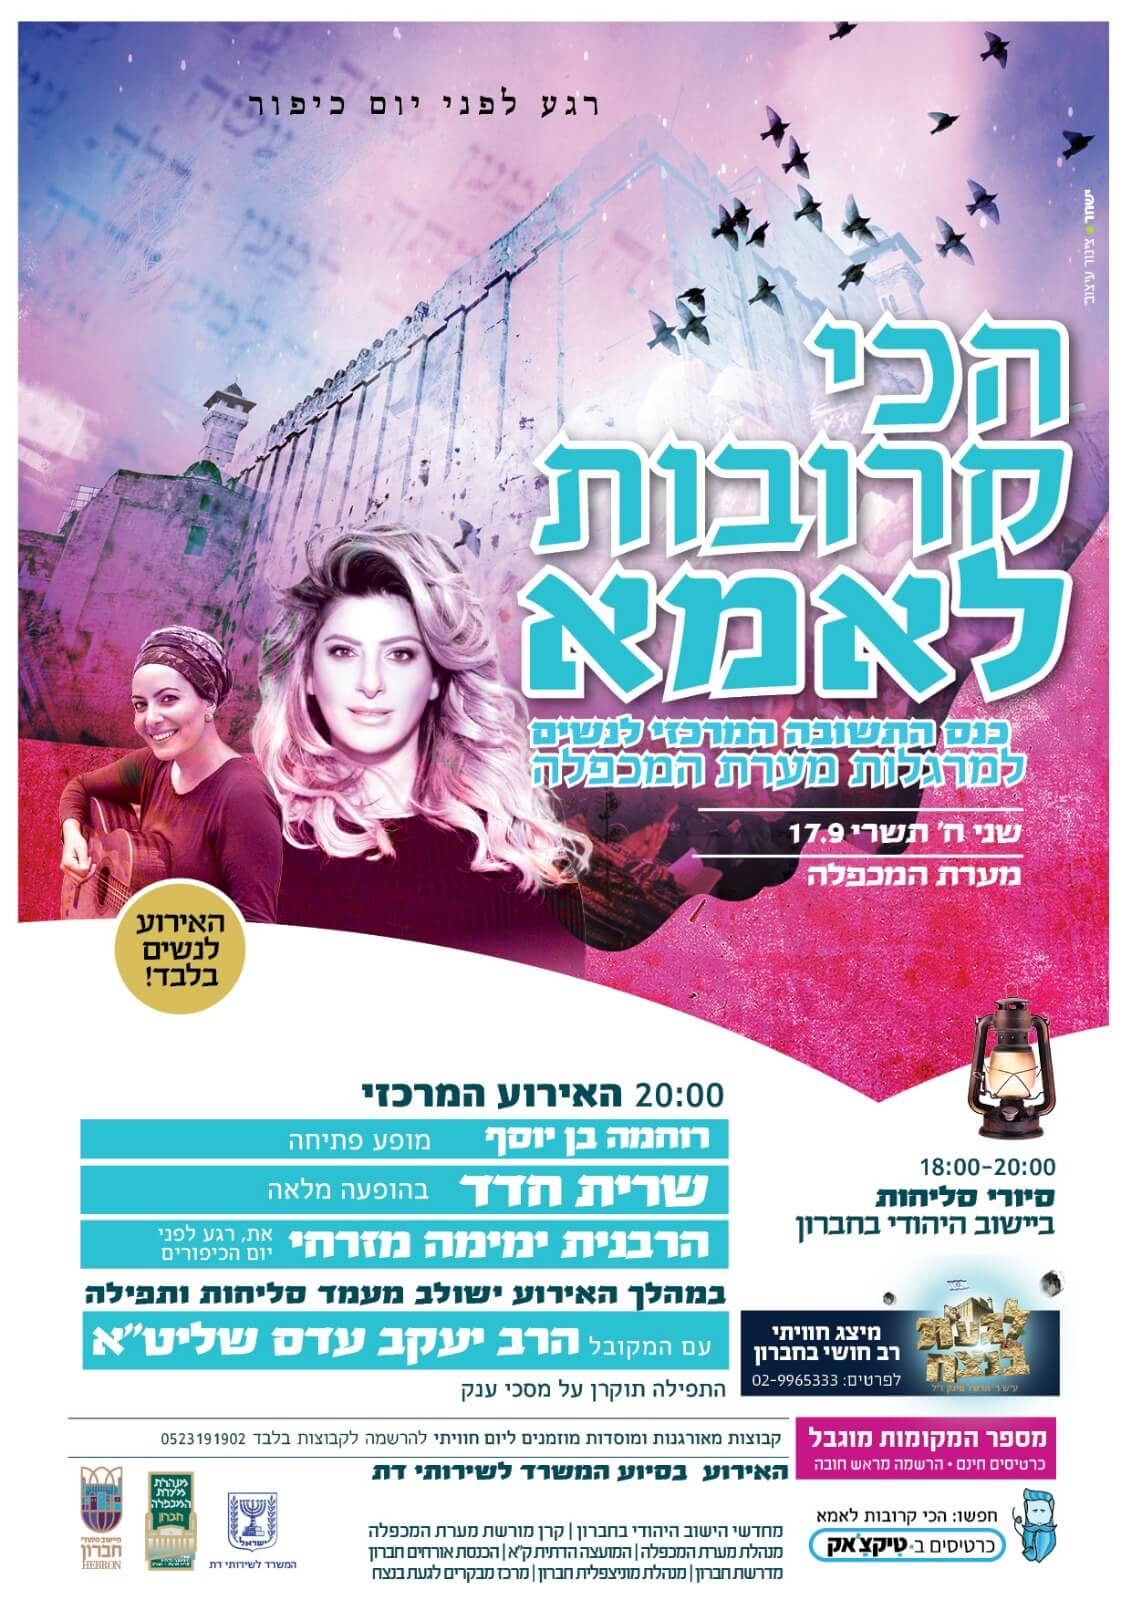 Women's Selichot event in Hebron